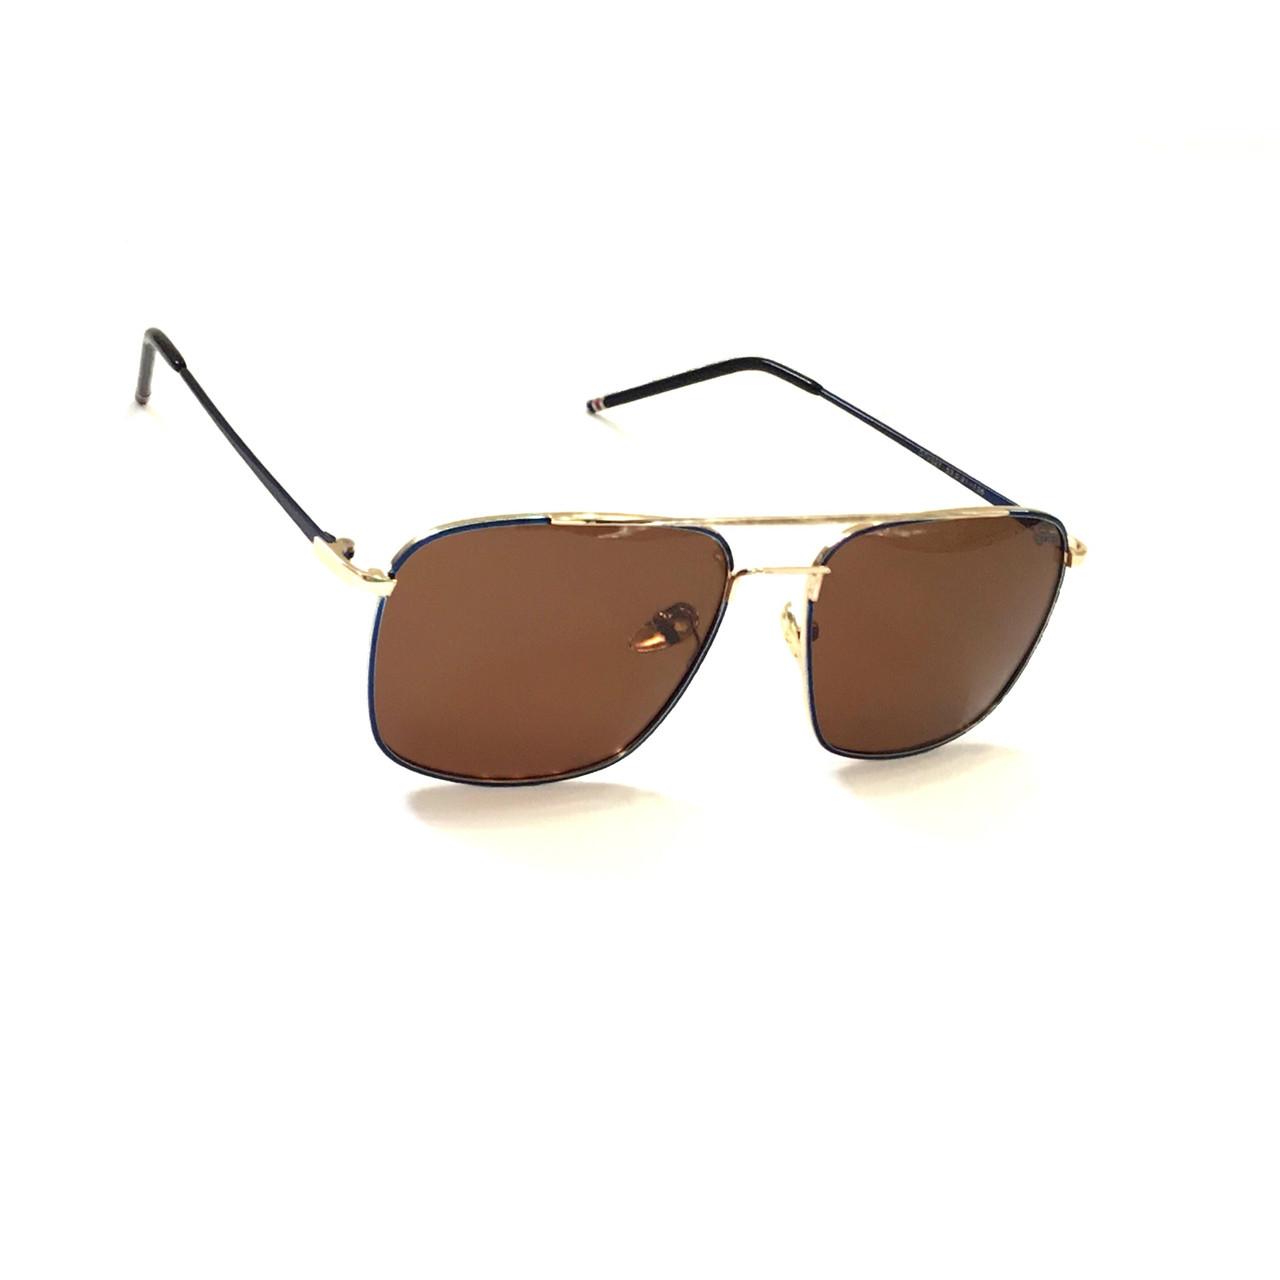 Чоловічі сонцезахисні окуляри з полароїдної лінзою DT 327